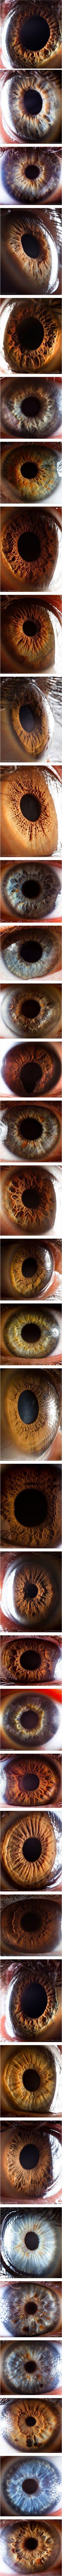 Suren Manvelyan - macro photography of human eyes